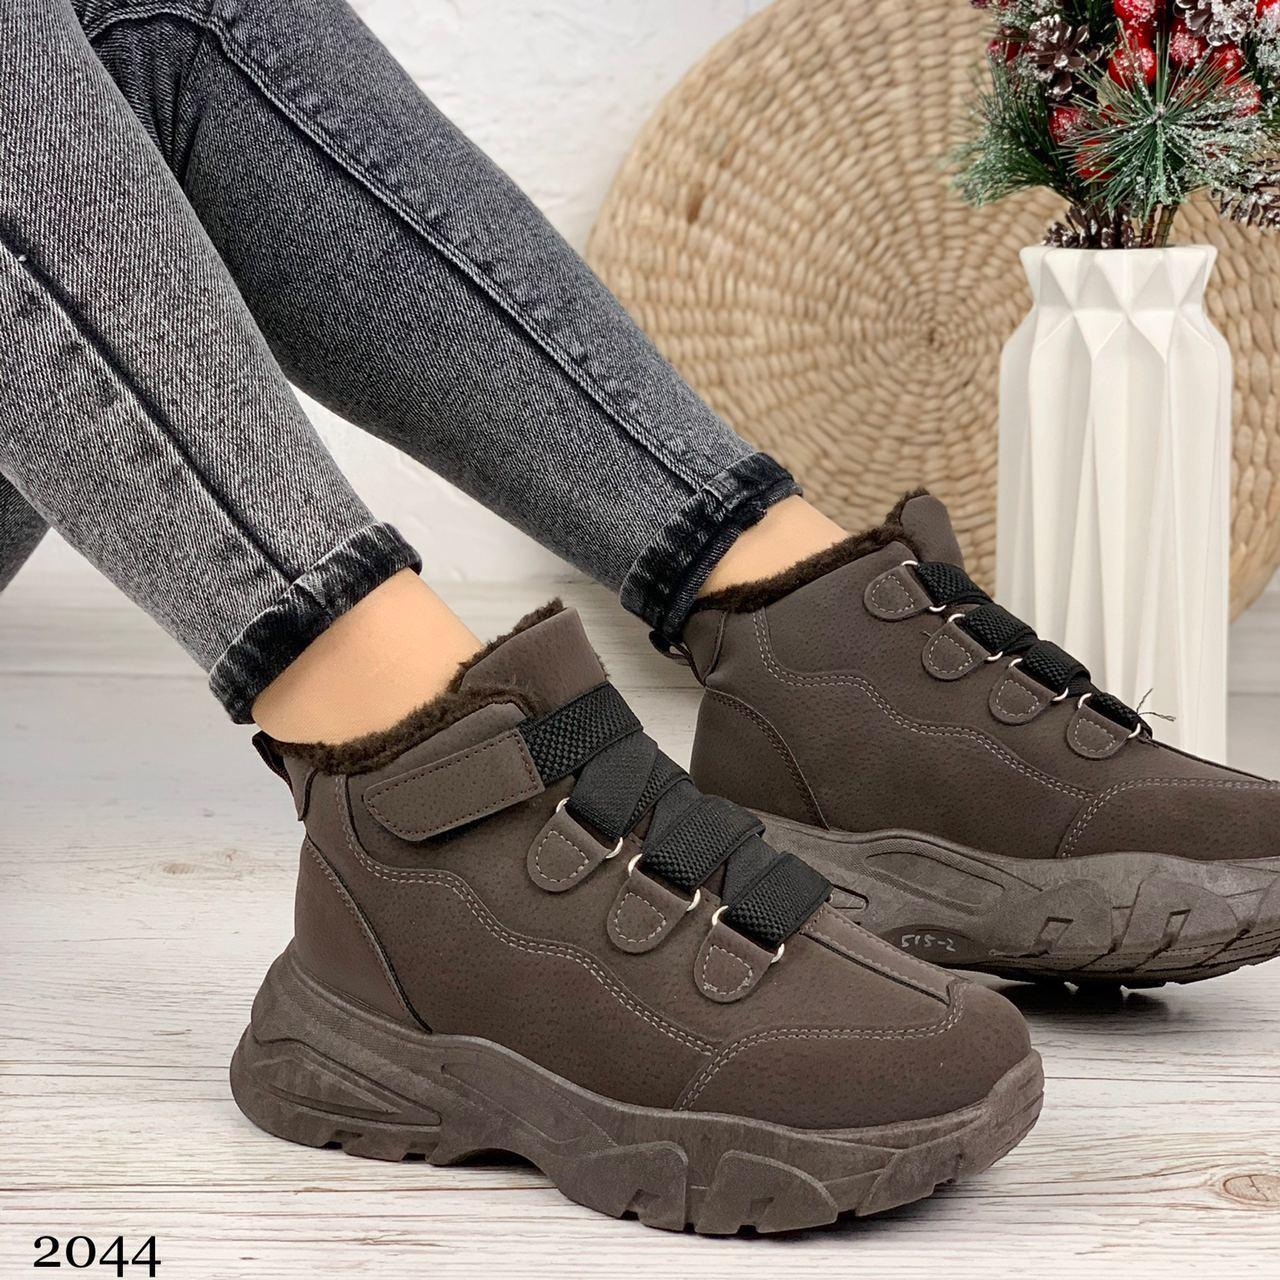 Только 38 р 24 см! Женские высокие кроссовки ЗИМА коричневые / кофейные эко замш